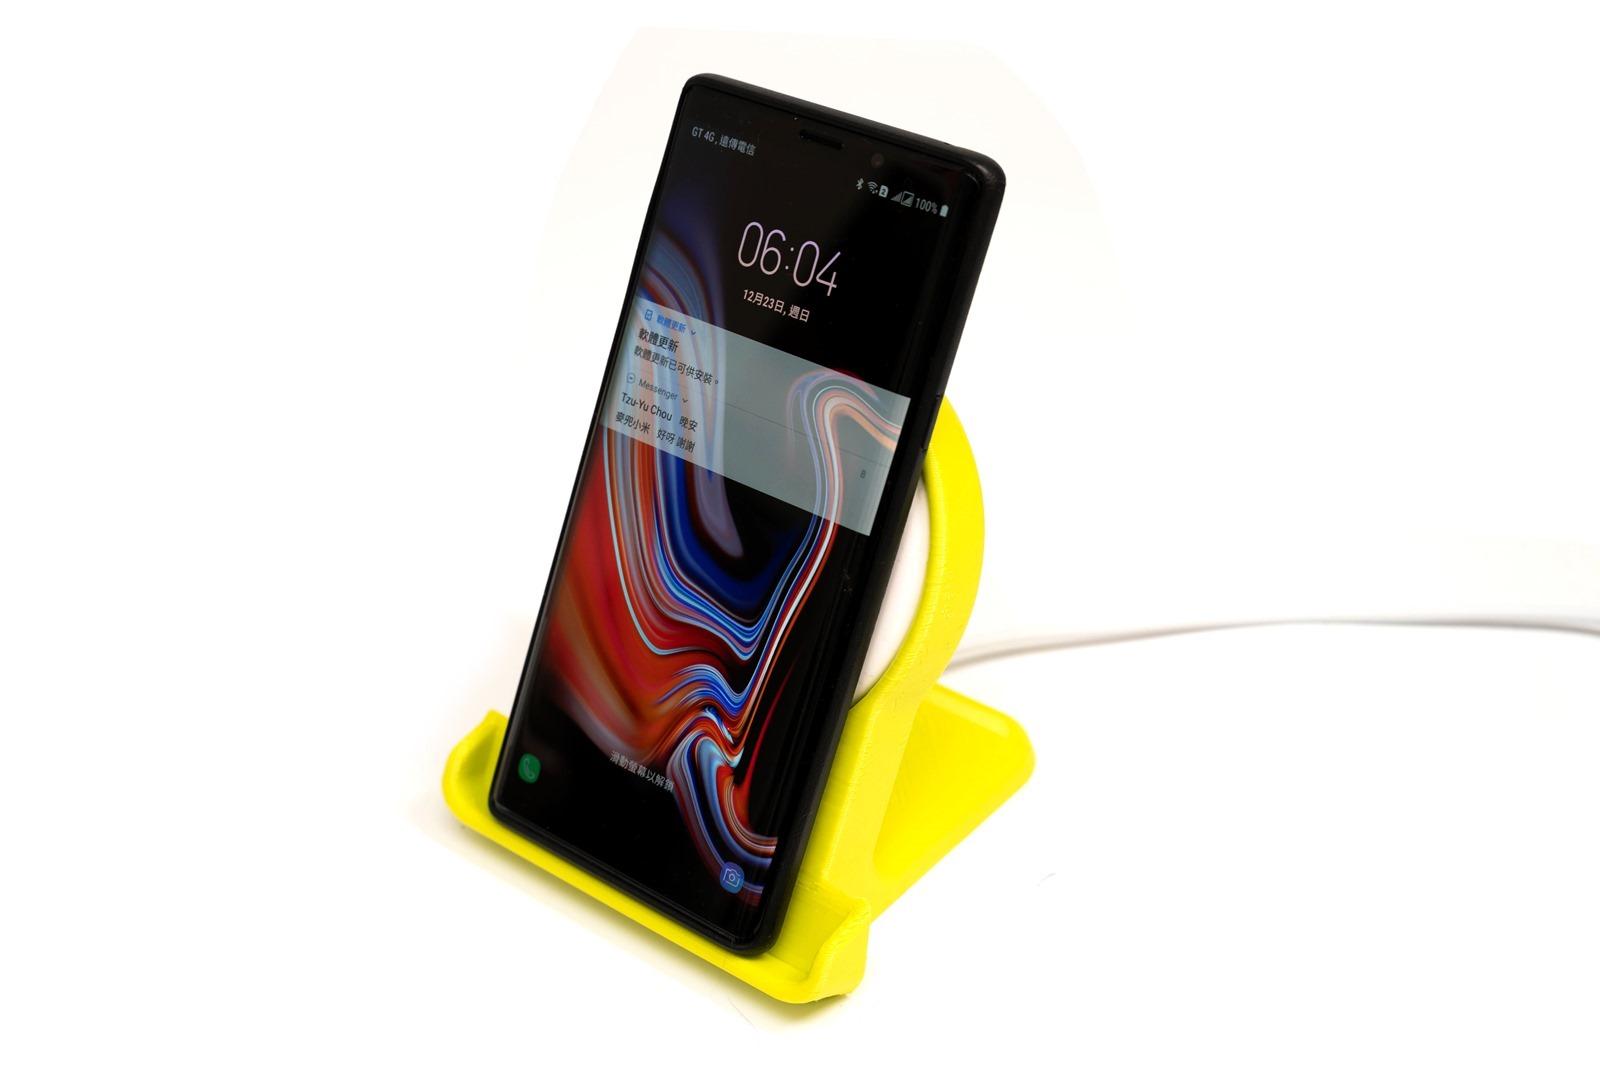 [3D 列印] 華為無線充電底座 3D 列印立架 @3C 達人廖阿輝